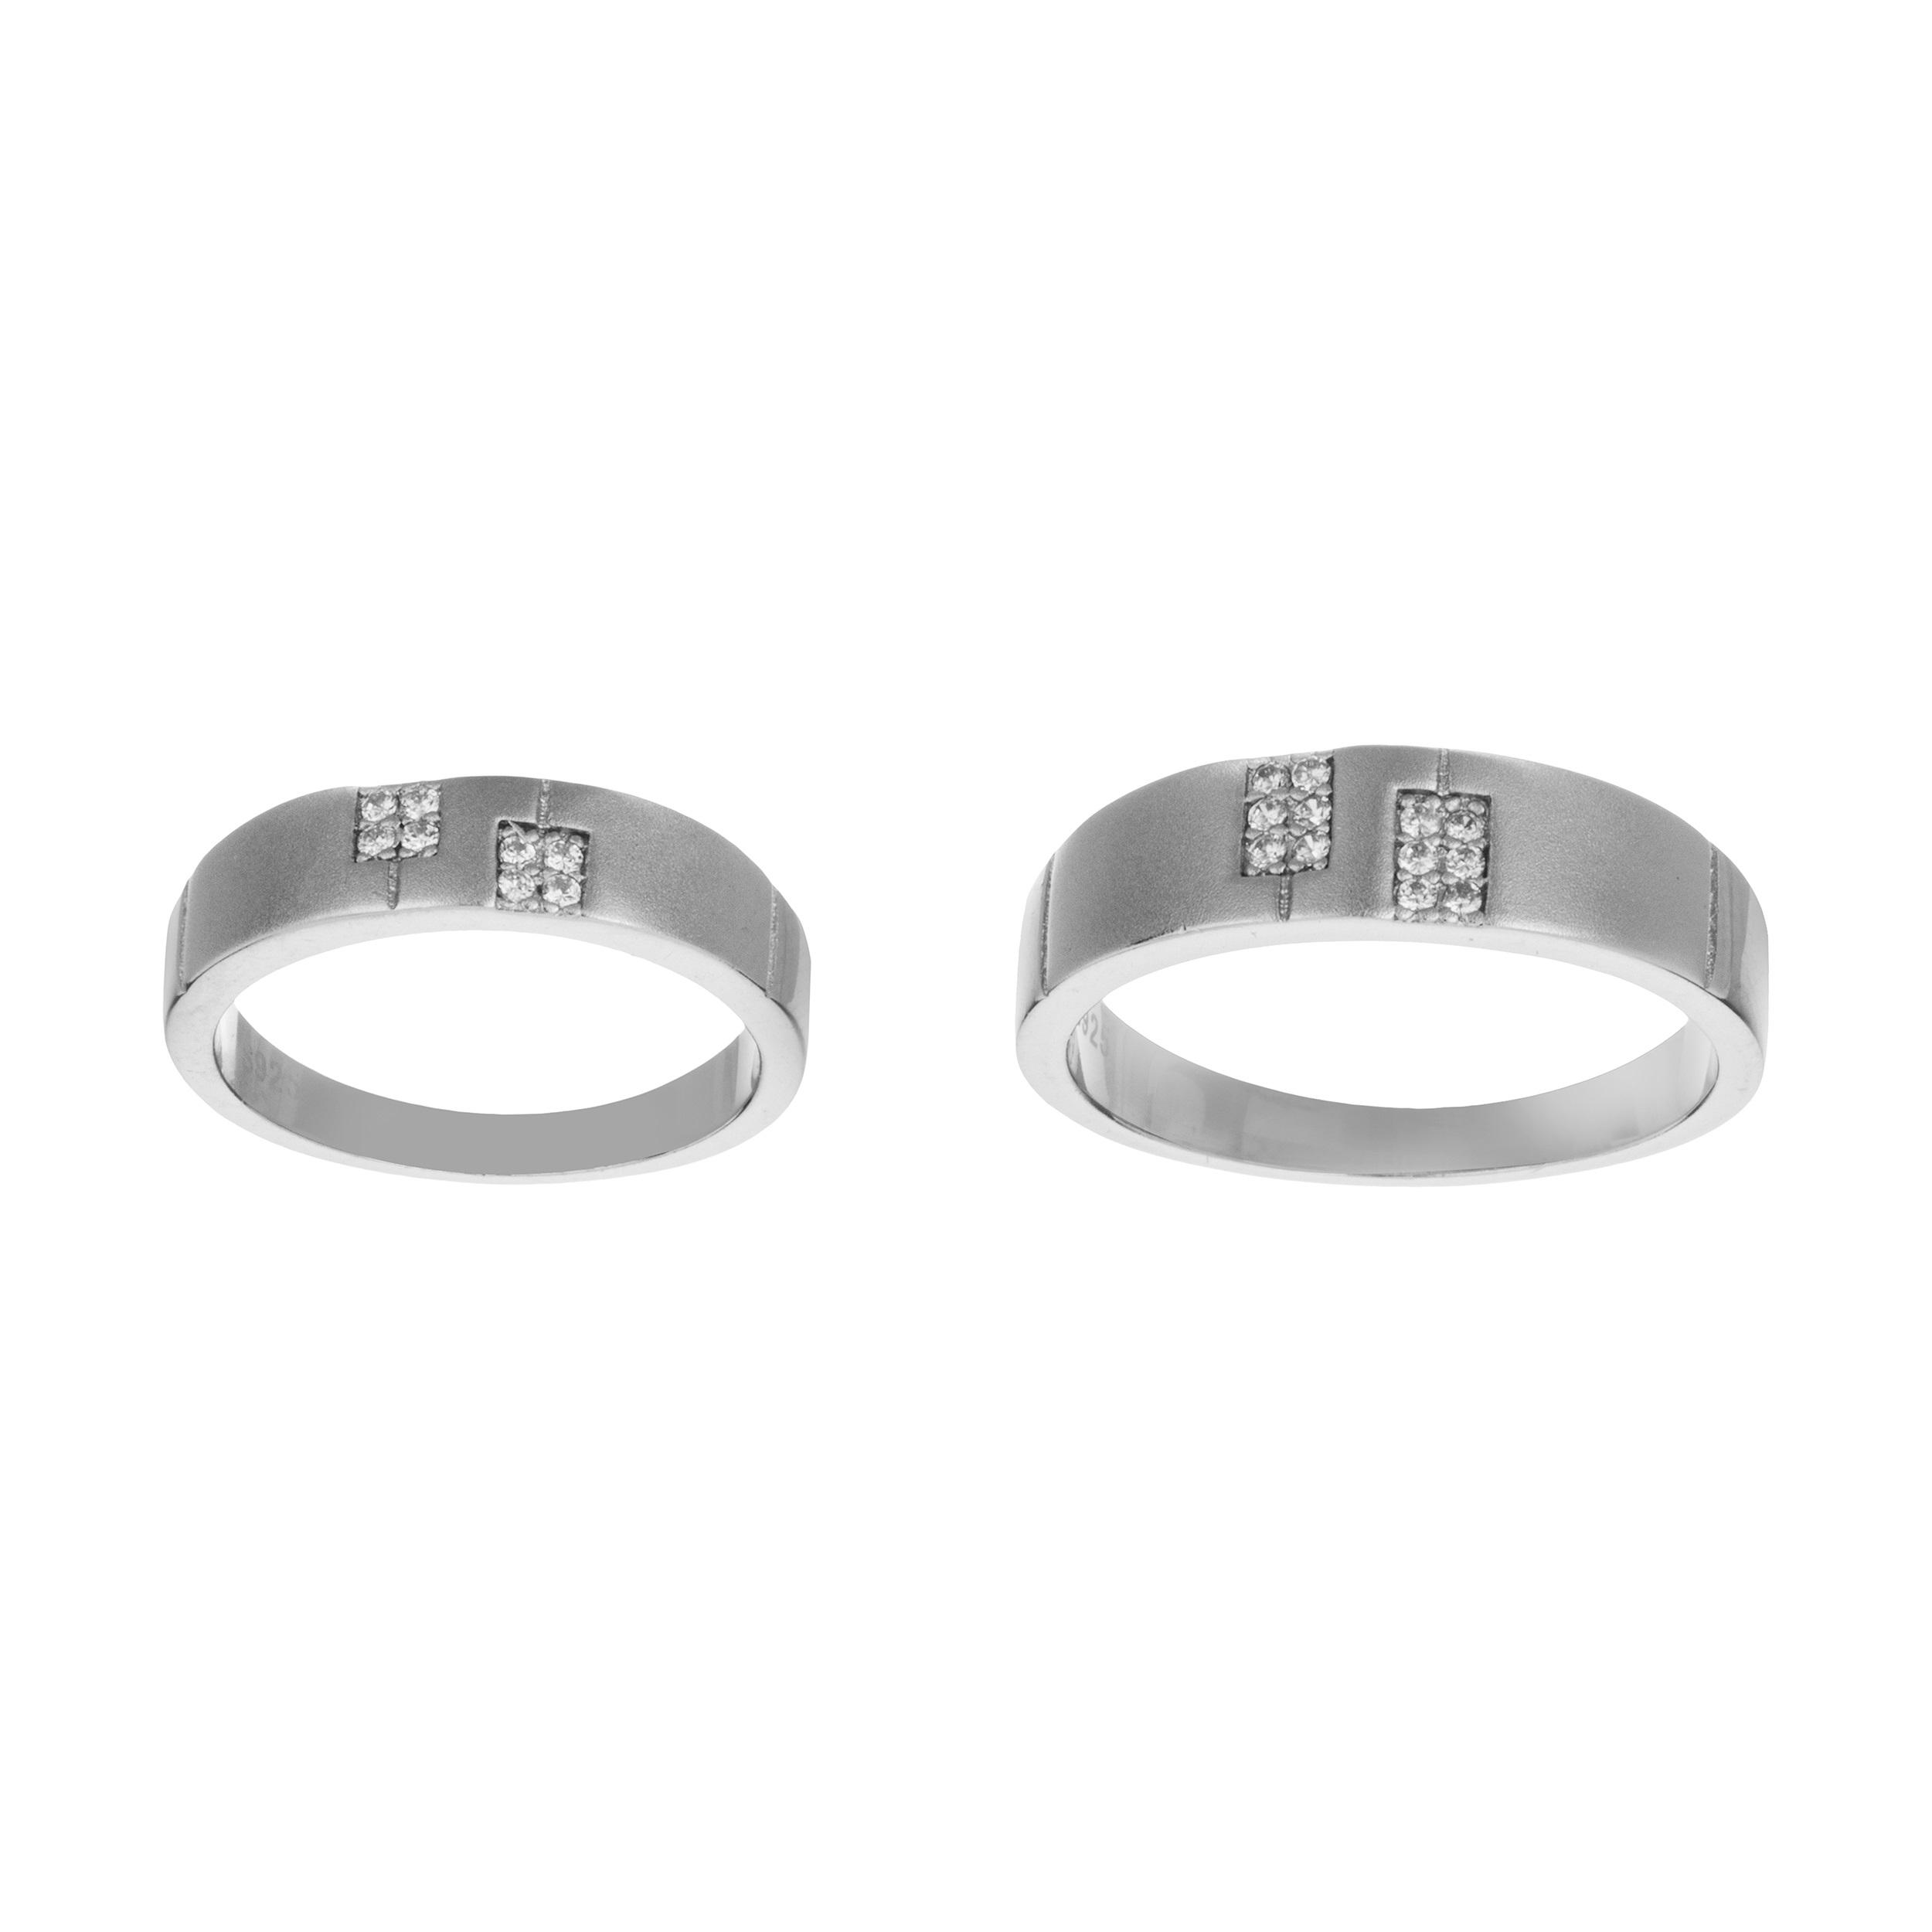 ست انگشتر نقره زنانه و مردانه کد GR1002